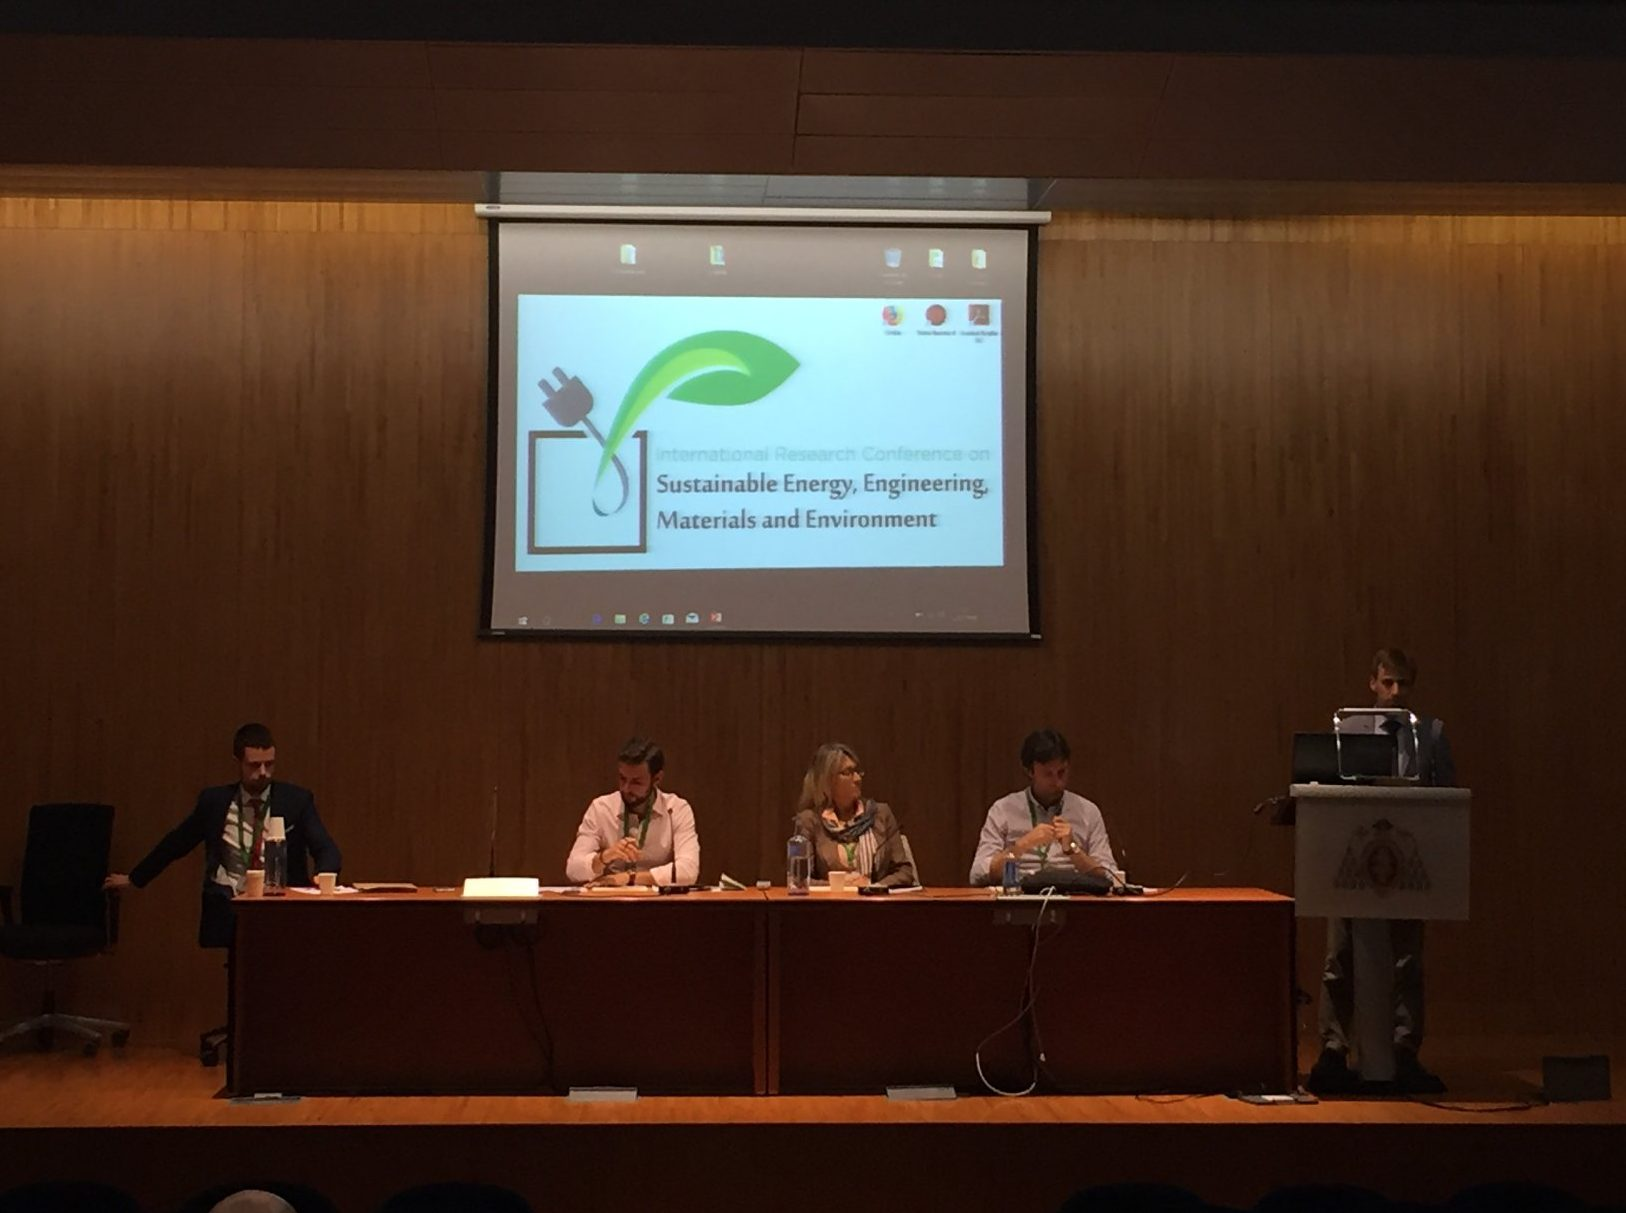 FAEN participó en el II Congreso internacional de energía sostenible, ingeniería, materiales y medio ambiente